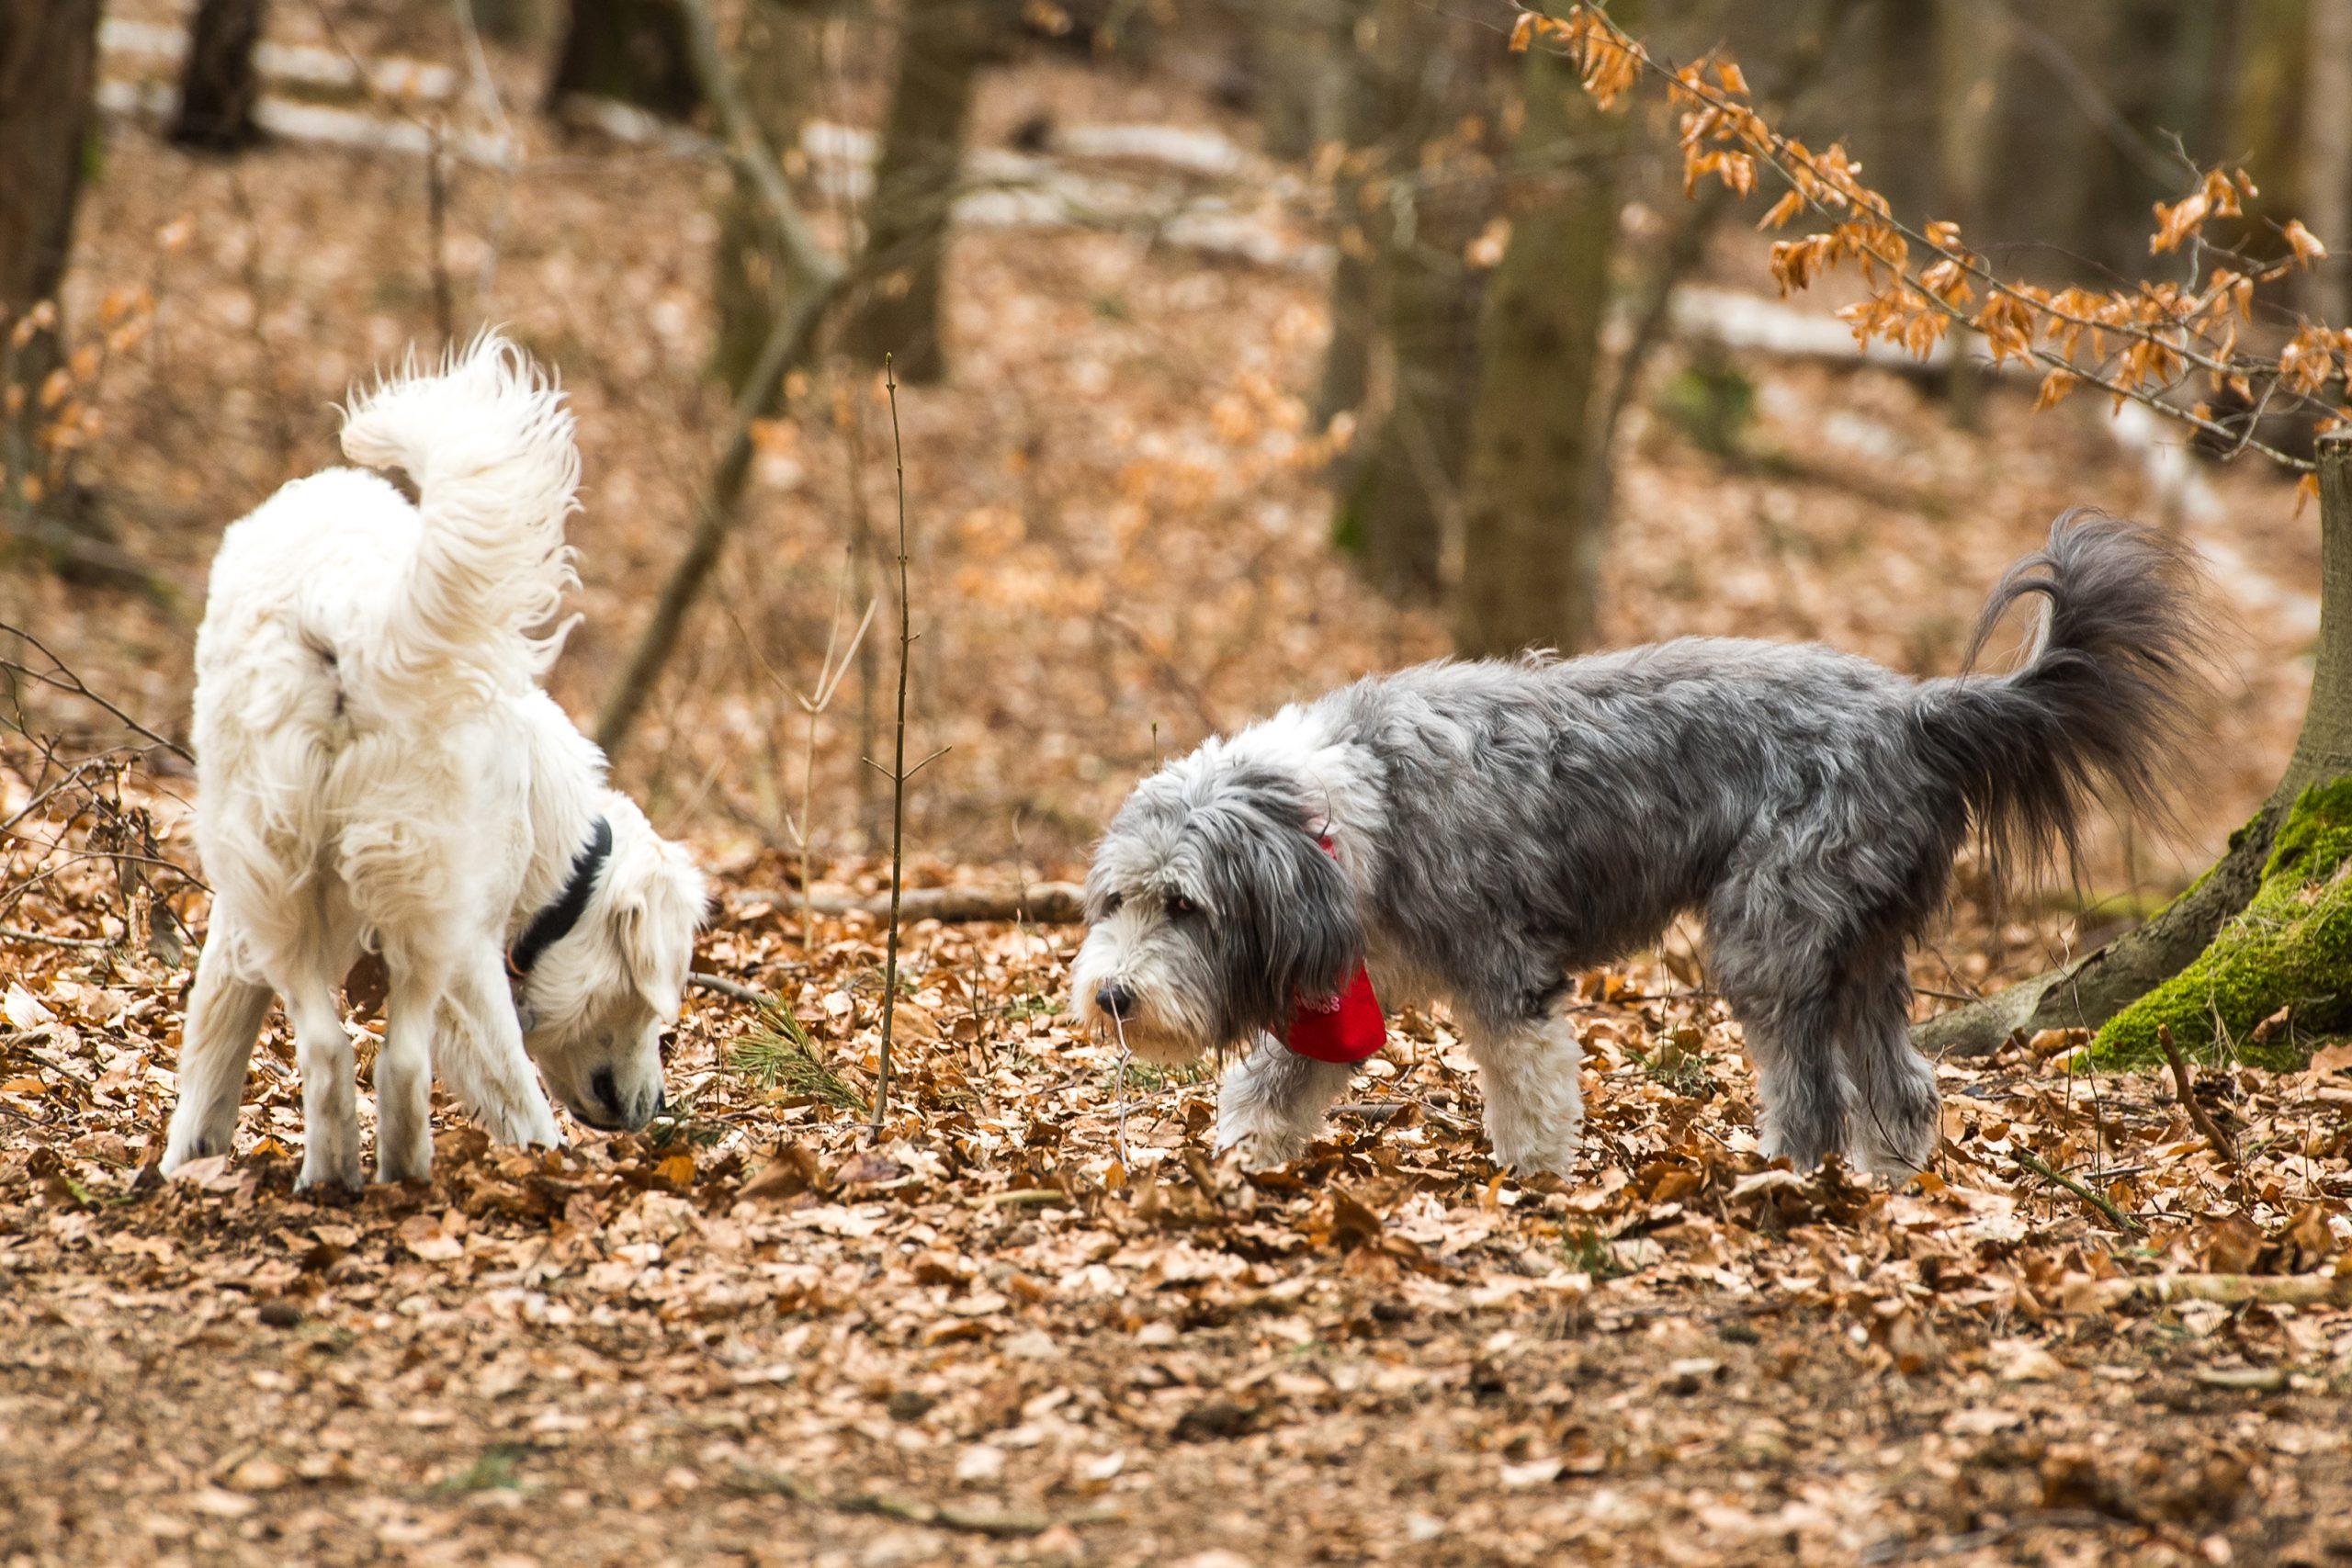 Si un perro mueve la cola, no siempre expresa alegría